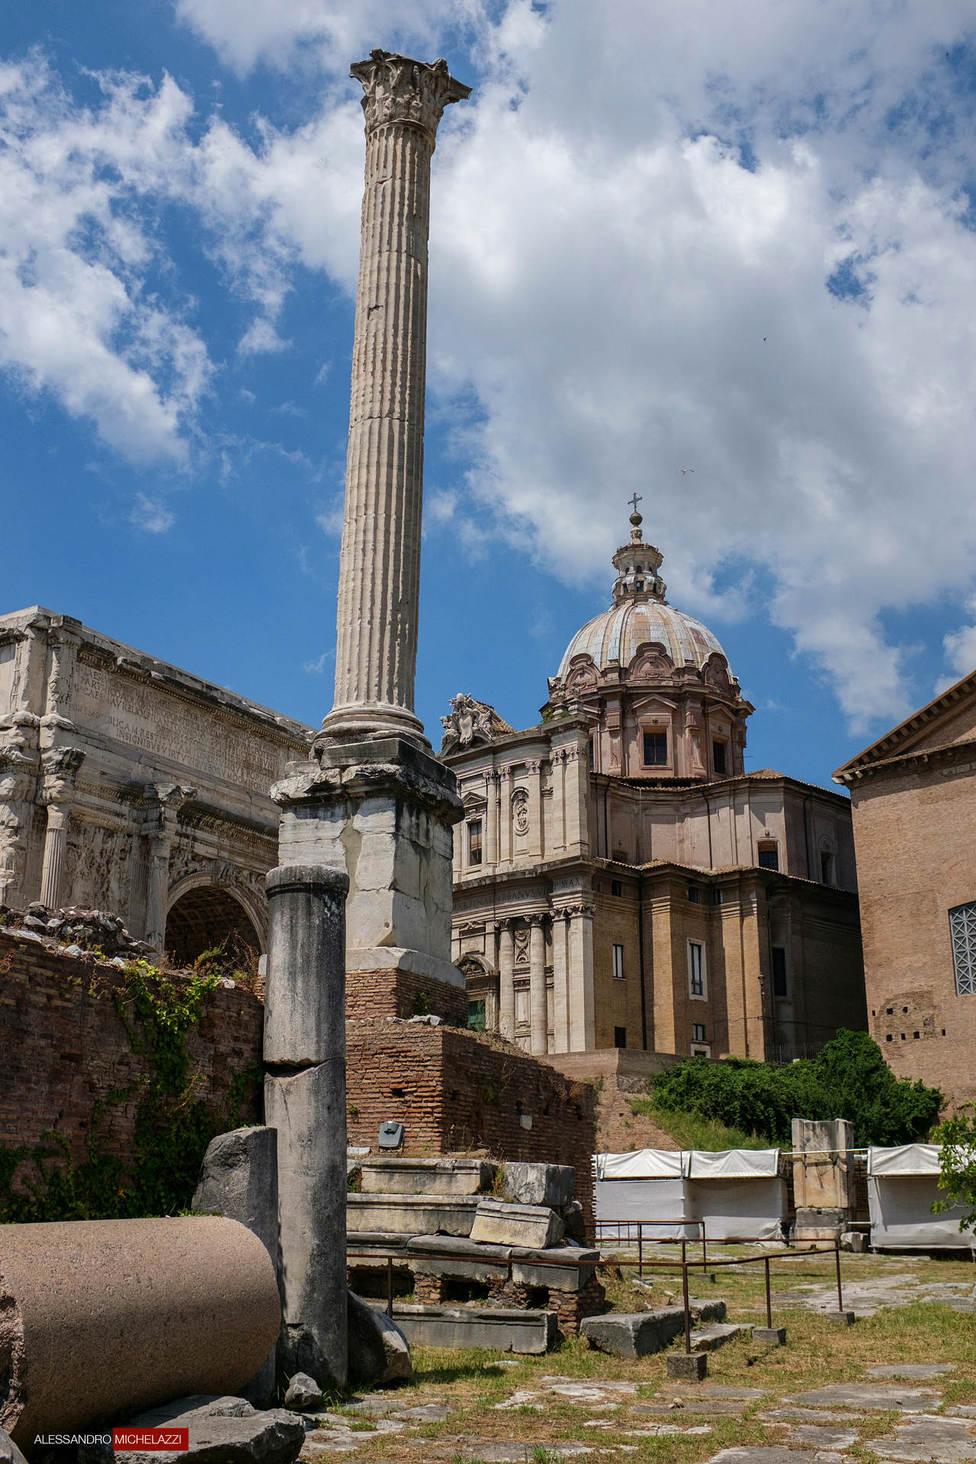 Alessandro-Michelazzi-Photography-Rome-Italy-10